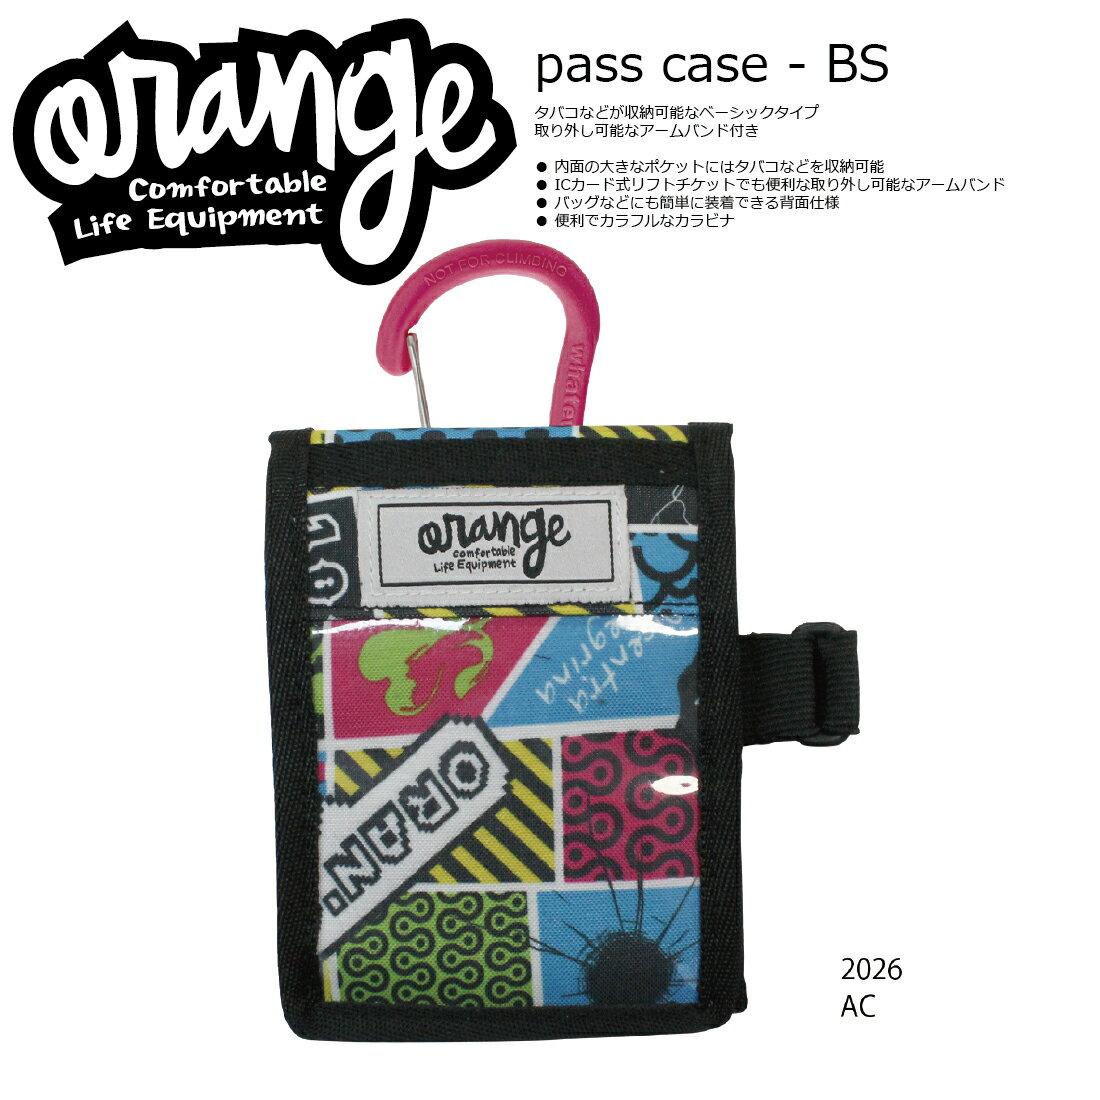 Oran'ge Pass-Case BS カラビナ付 2026 AC オレンジ パスケース 縦タイプ ベーシック 収納ポケット付 2017 2017-18